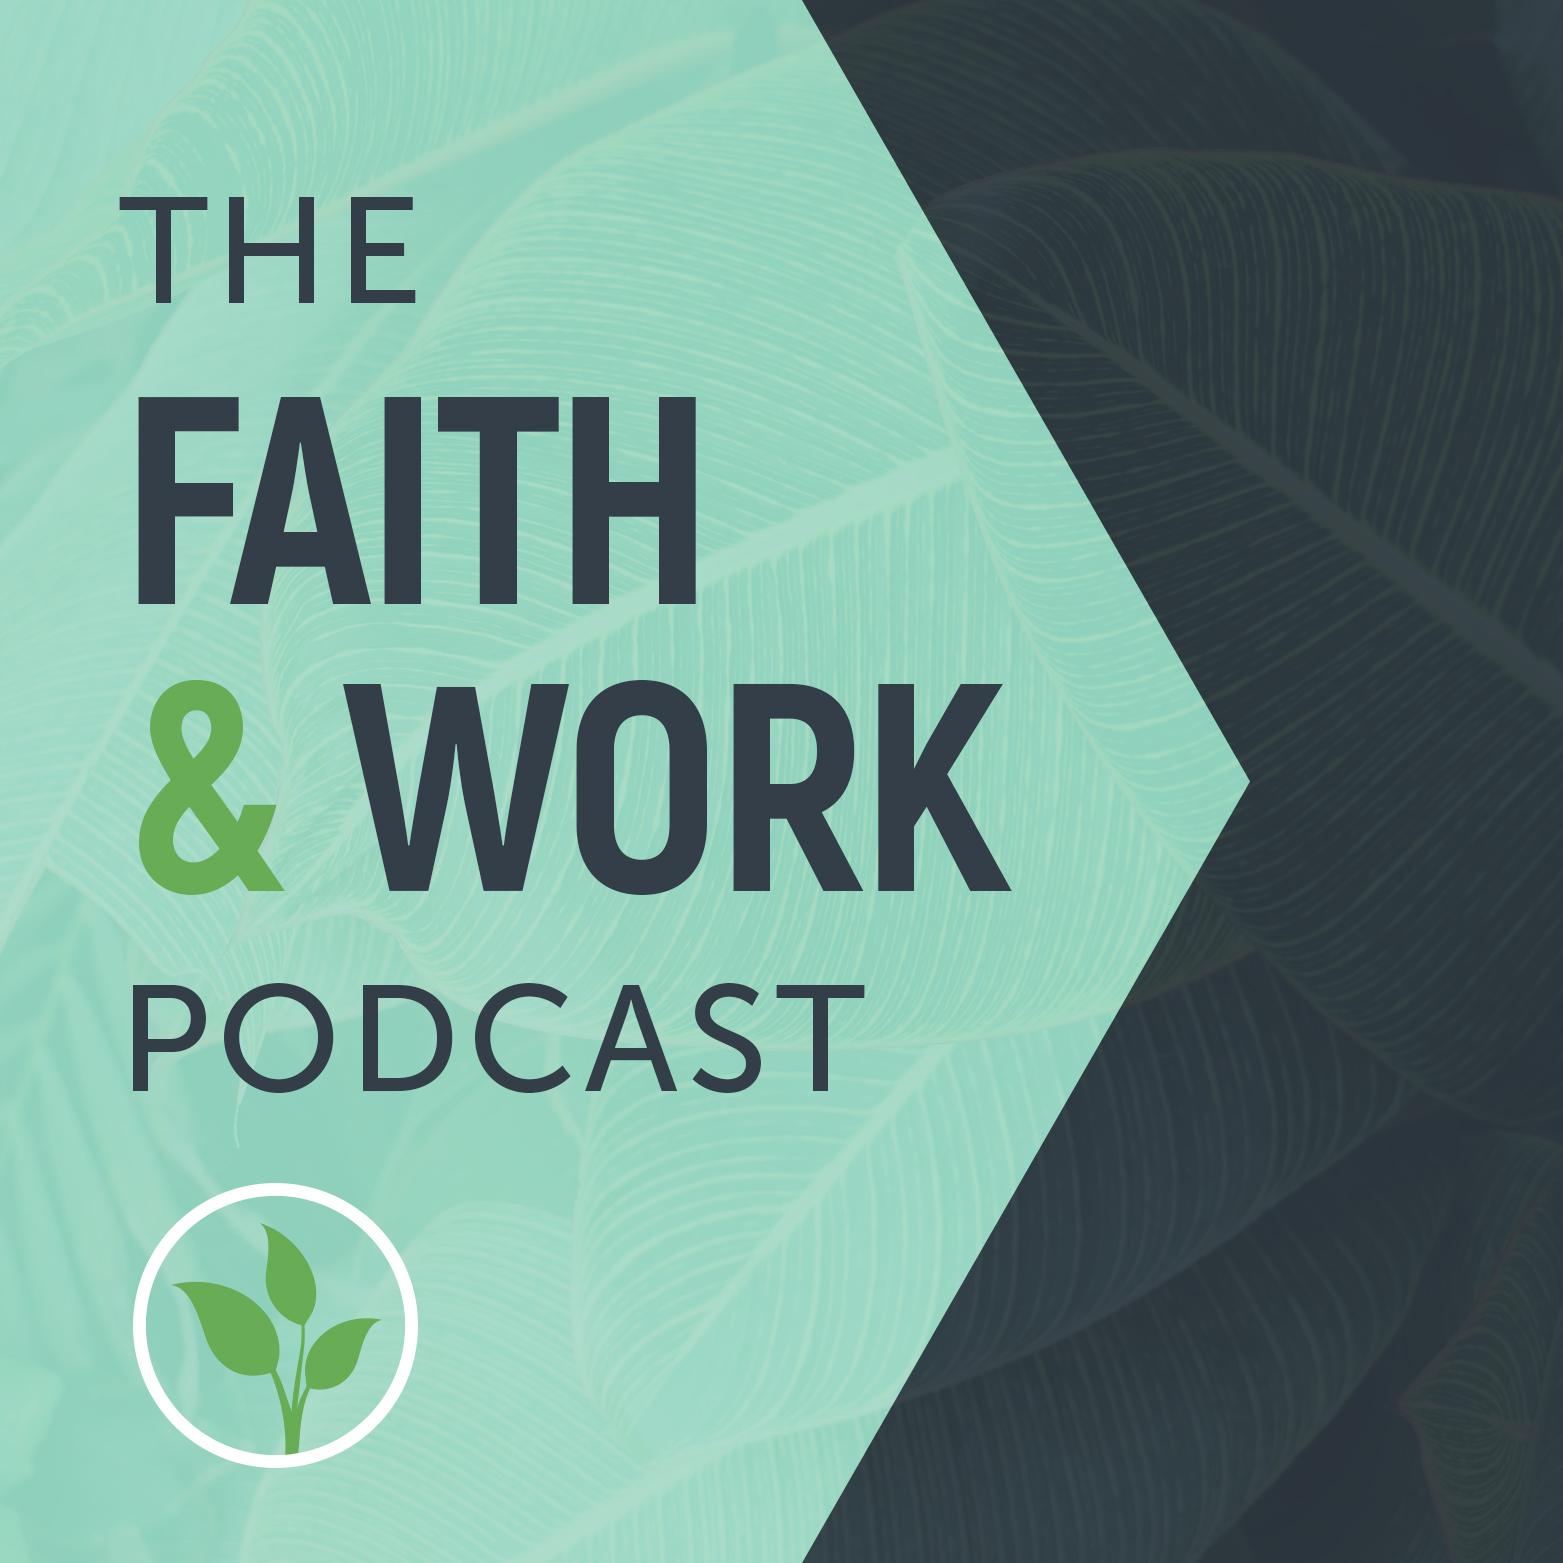 FaithWorkPodcast2_1.jpg